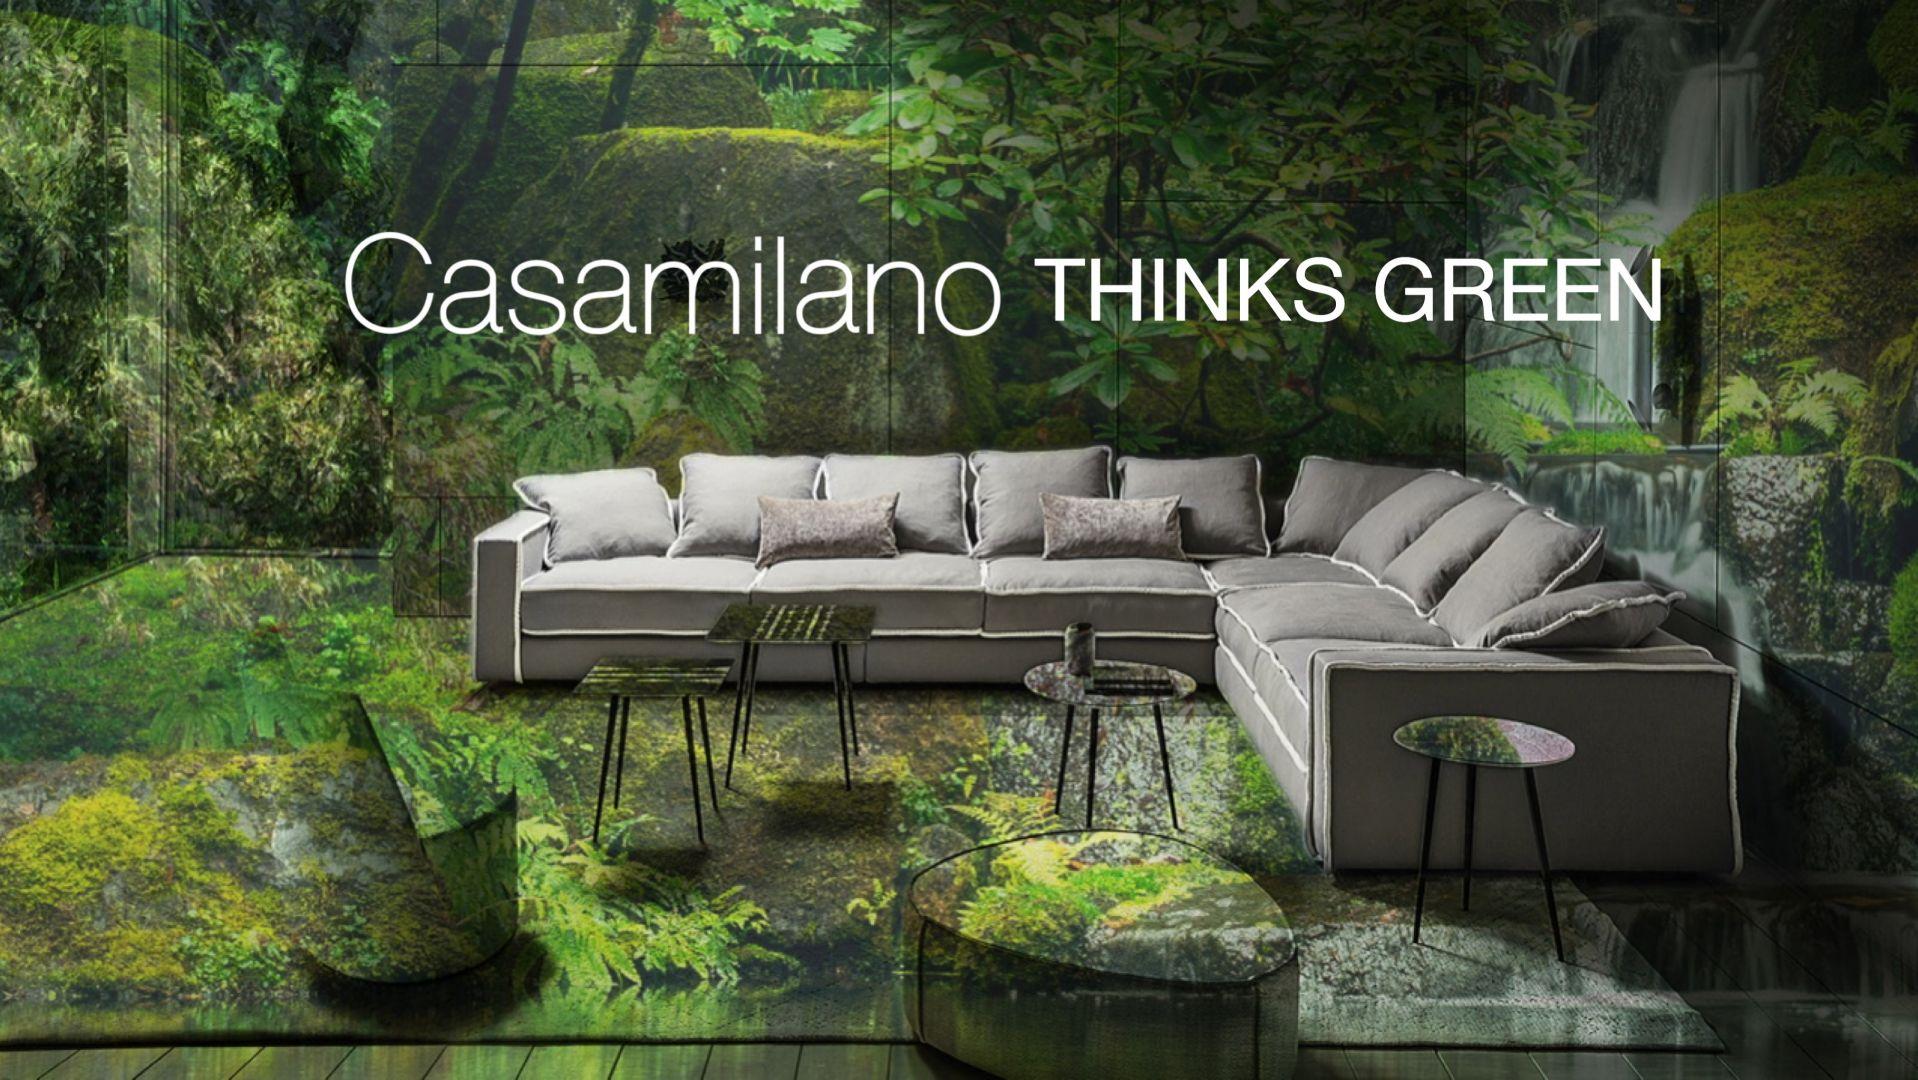 Modułowa kanapa Pillopipe Evo Green to projekt uznanej światowej designerki, Paoli Navone i część nowej kolekcji 2020 marki Casamilano. Fot. Casamilano